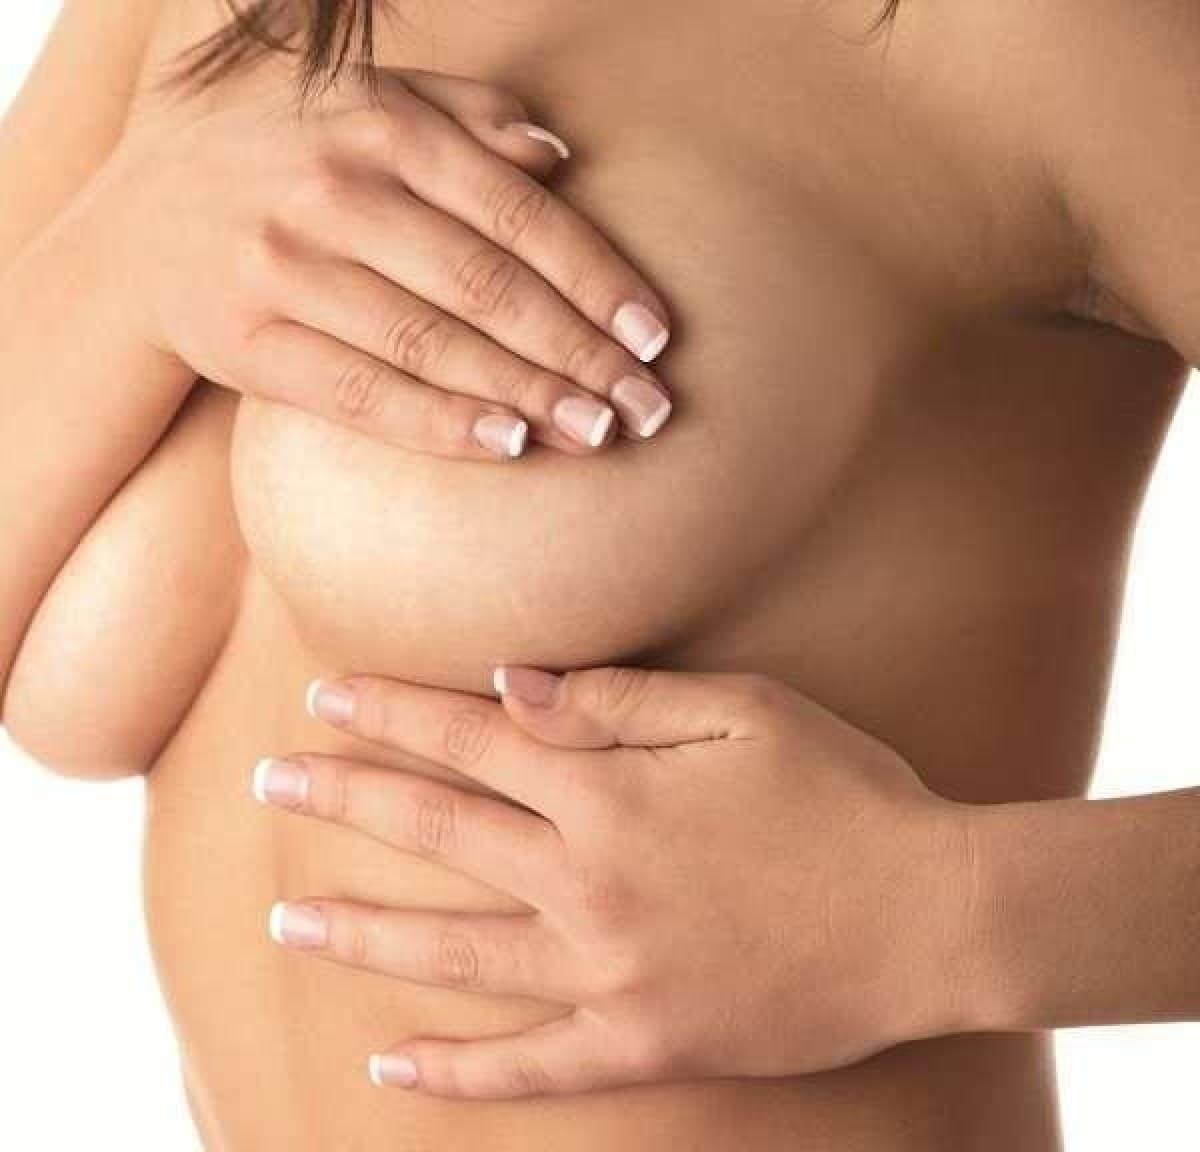 осмотр молочных желез